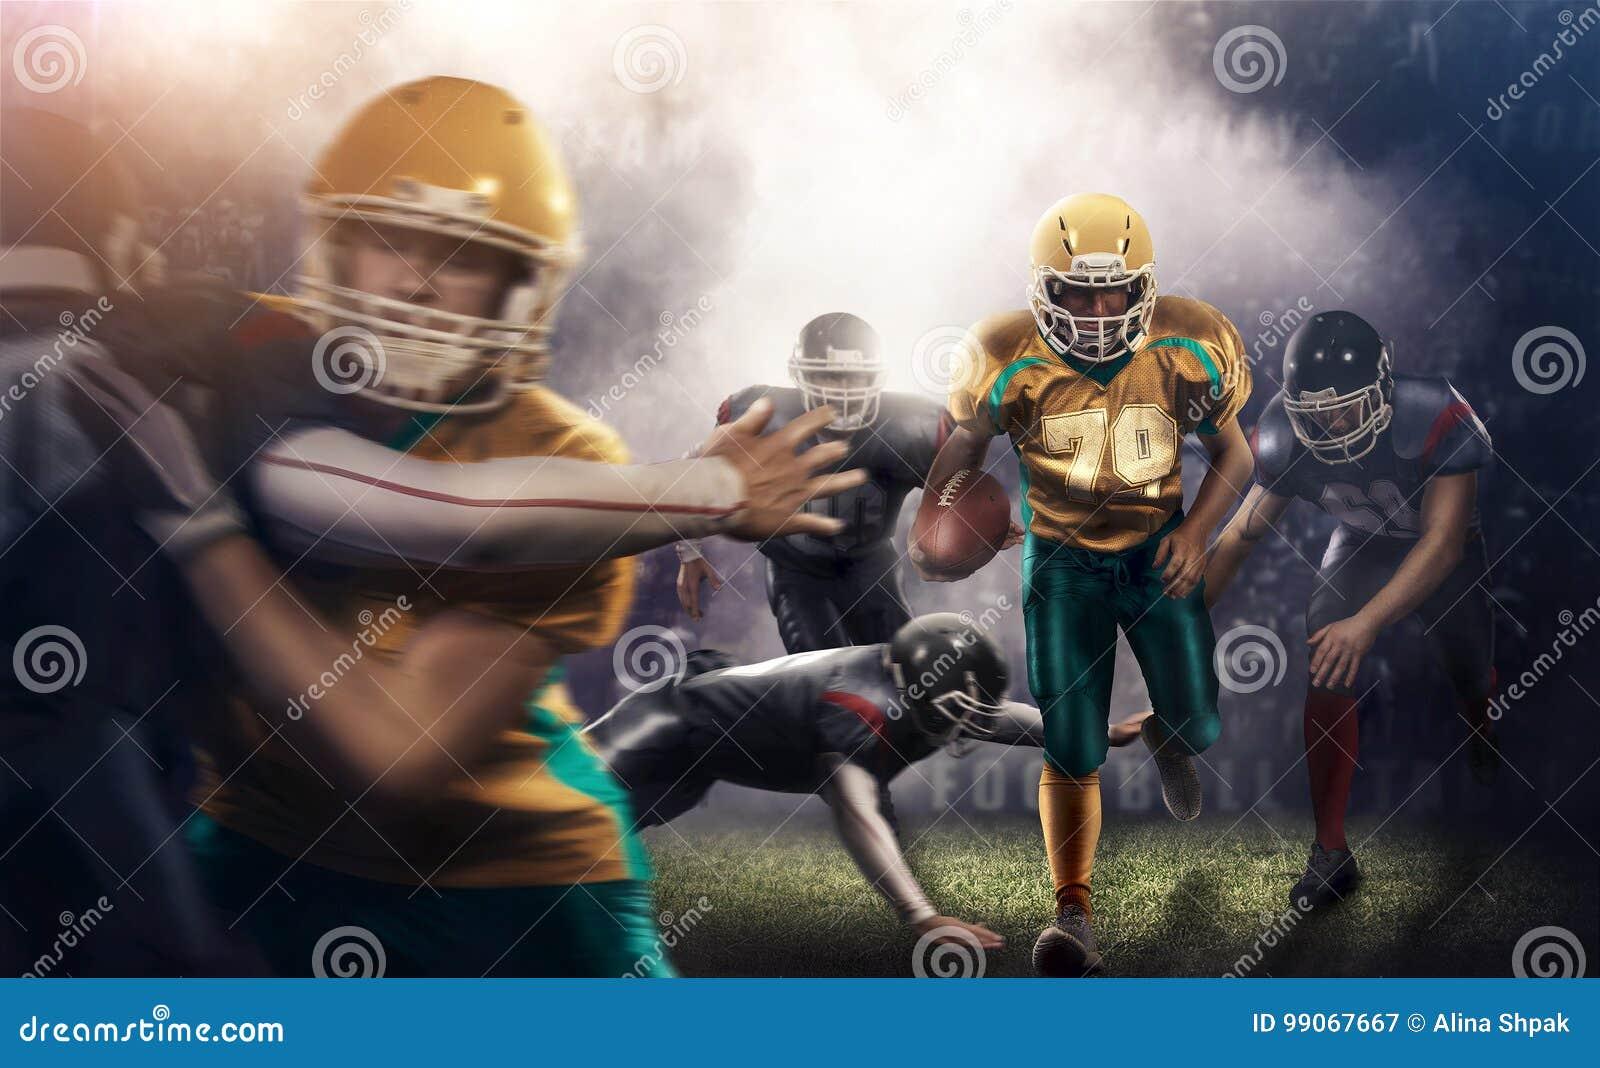 Βάναυση δράση ποδοσφαίρου στον τρισδιάστατο αγωνιστικό χώρο ώριμοι φορείς με τη σφαίρα